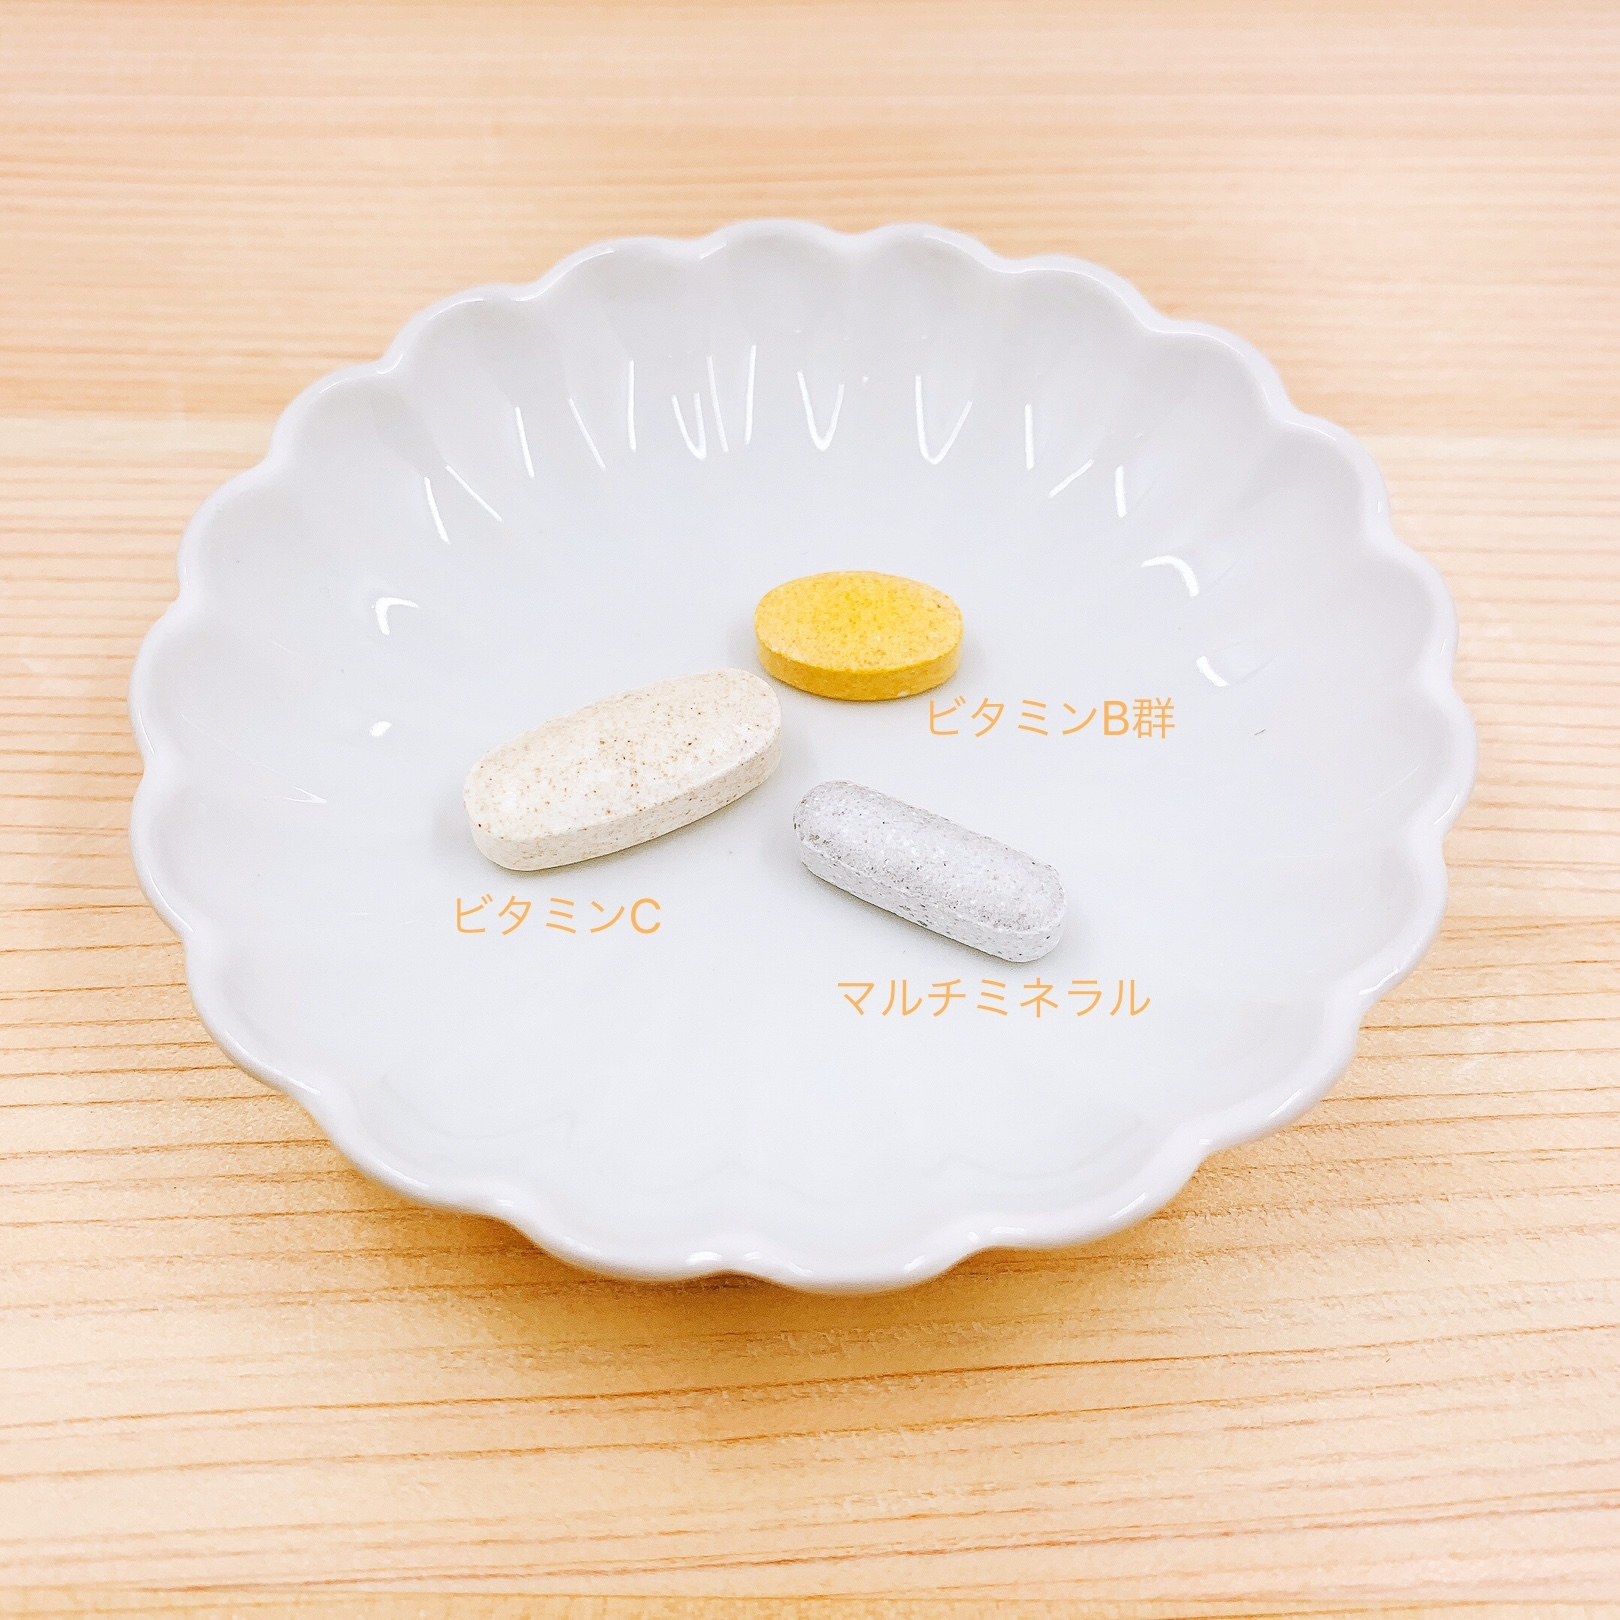 分子整合栄養医学に基づいた基本の栄養素3粒